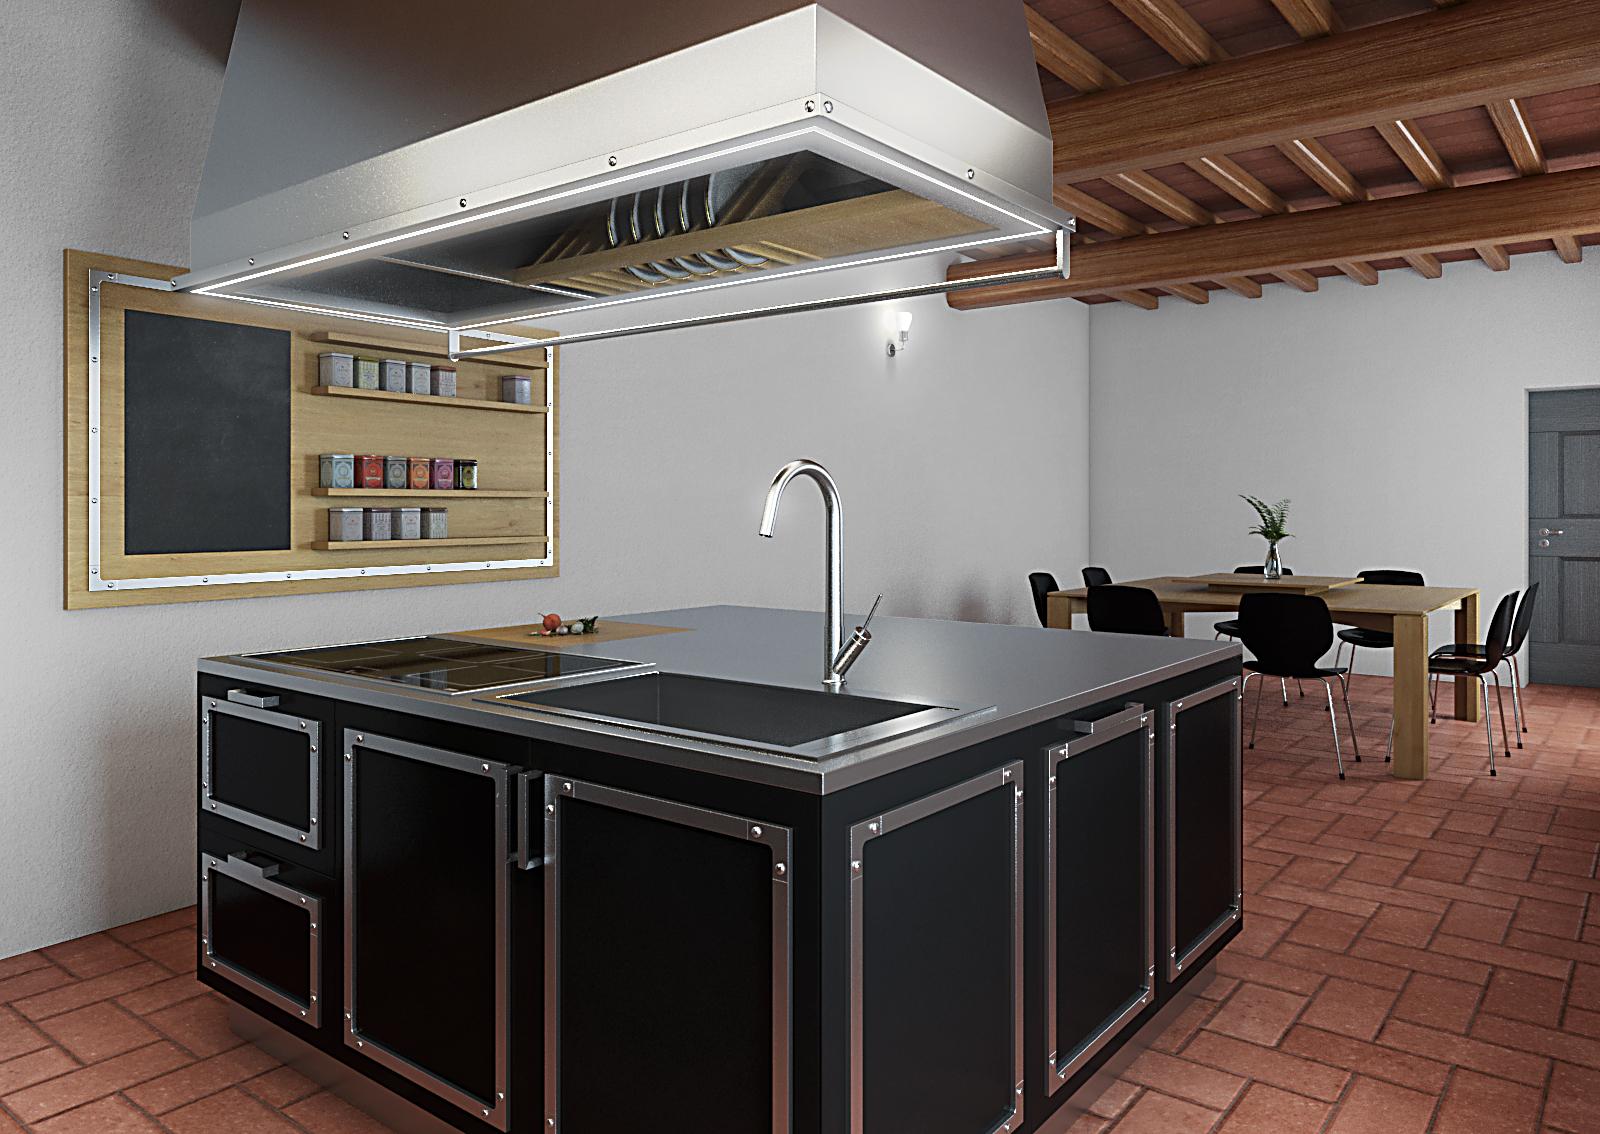 Studio architettura firenze cucina per casa colonica - Cucina per casa ...